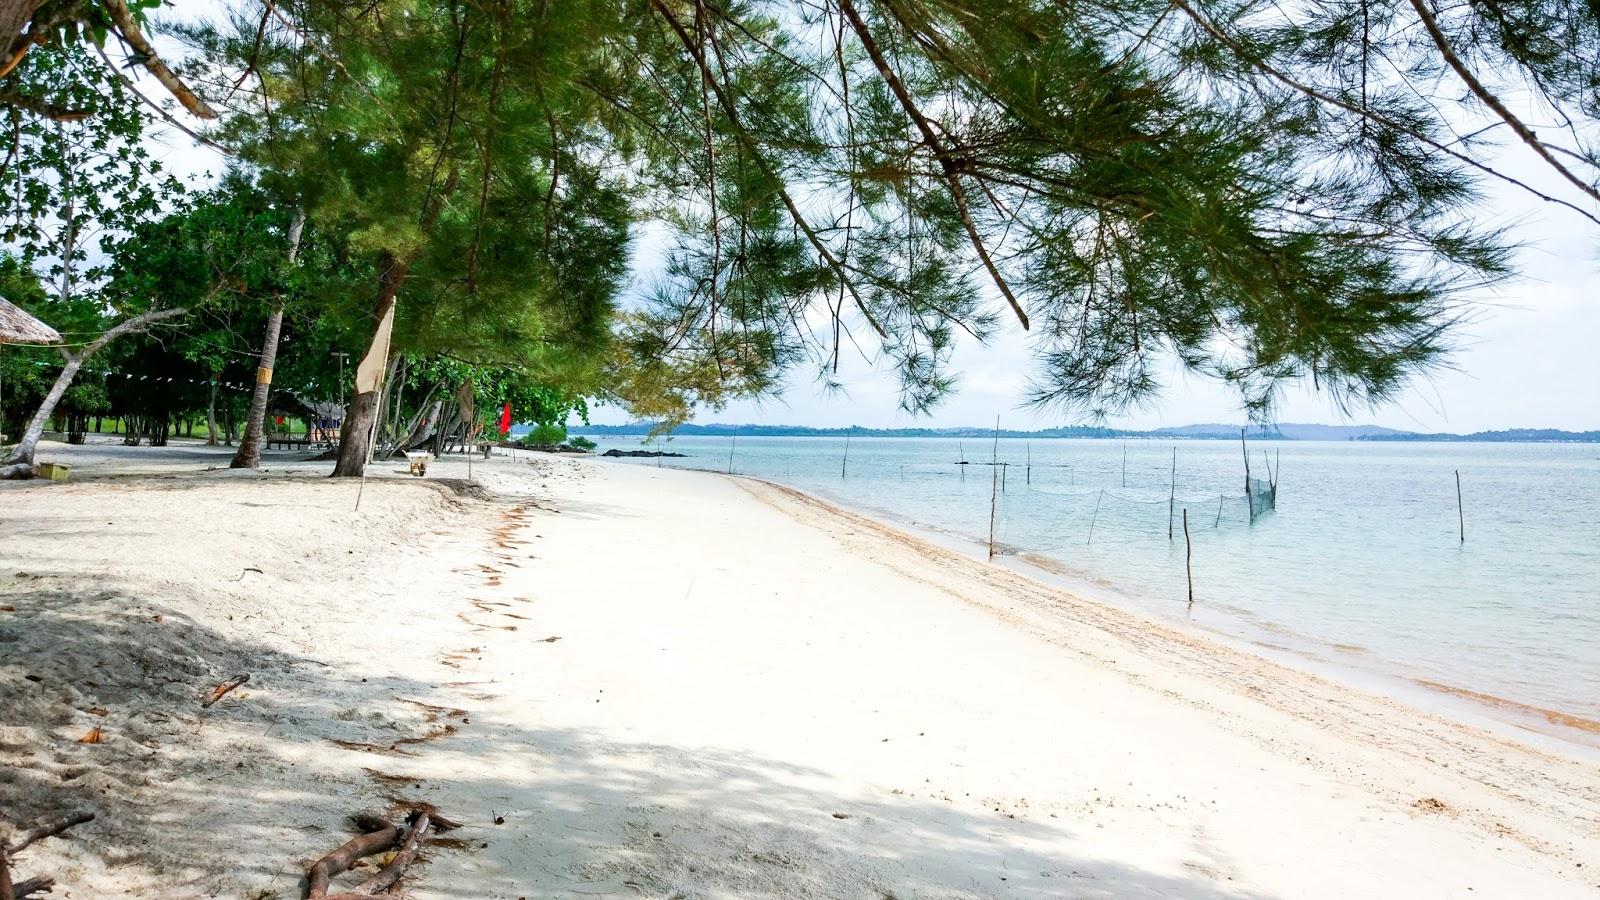 Piknik Ngadem Ke Pantai Tegar Putri Galang Baru Batam